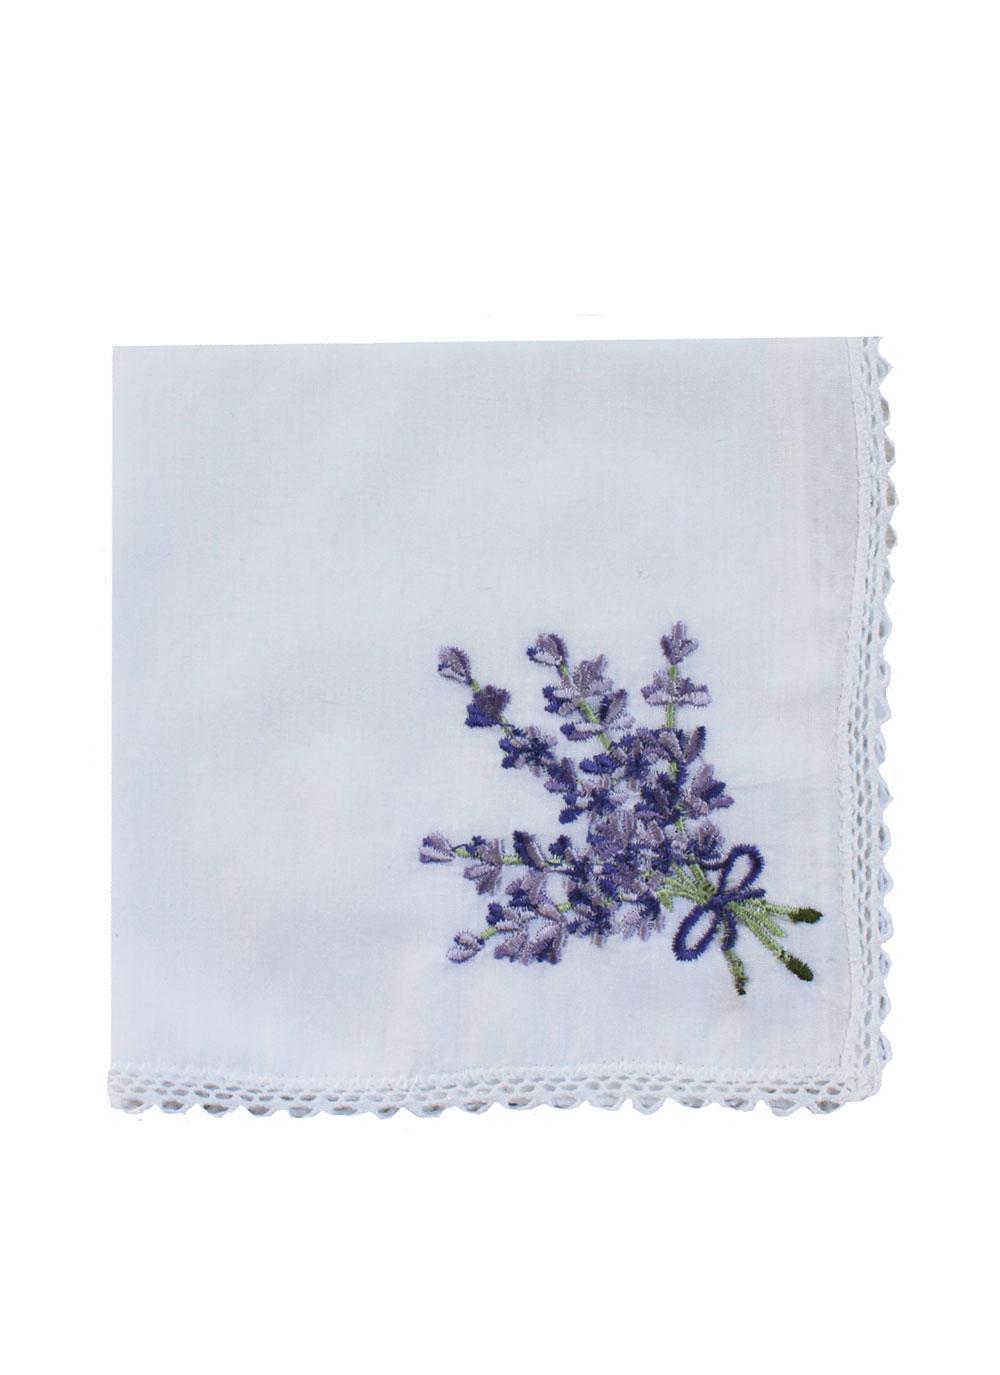 DUTCH KIDS BLUE EMBROIDER SET 2 BATHROOMED HAND TOWEL